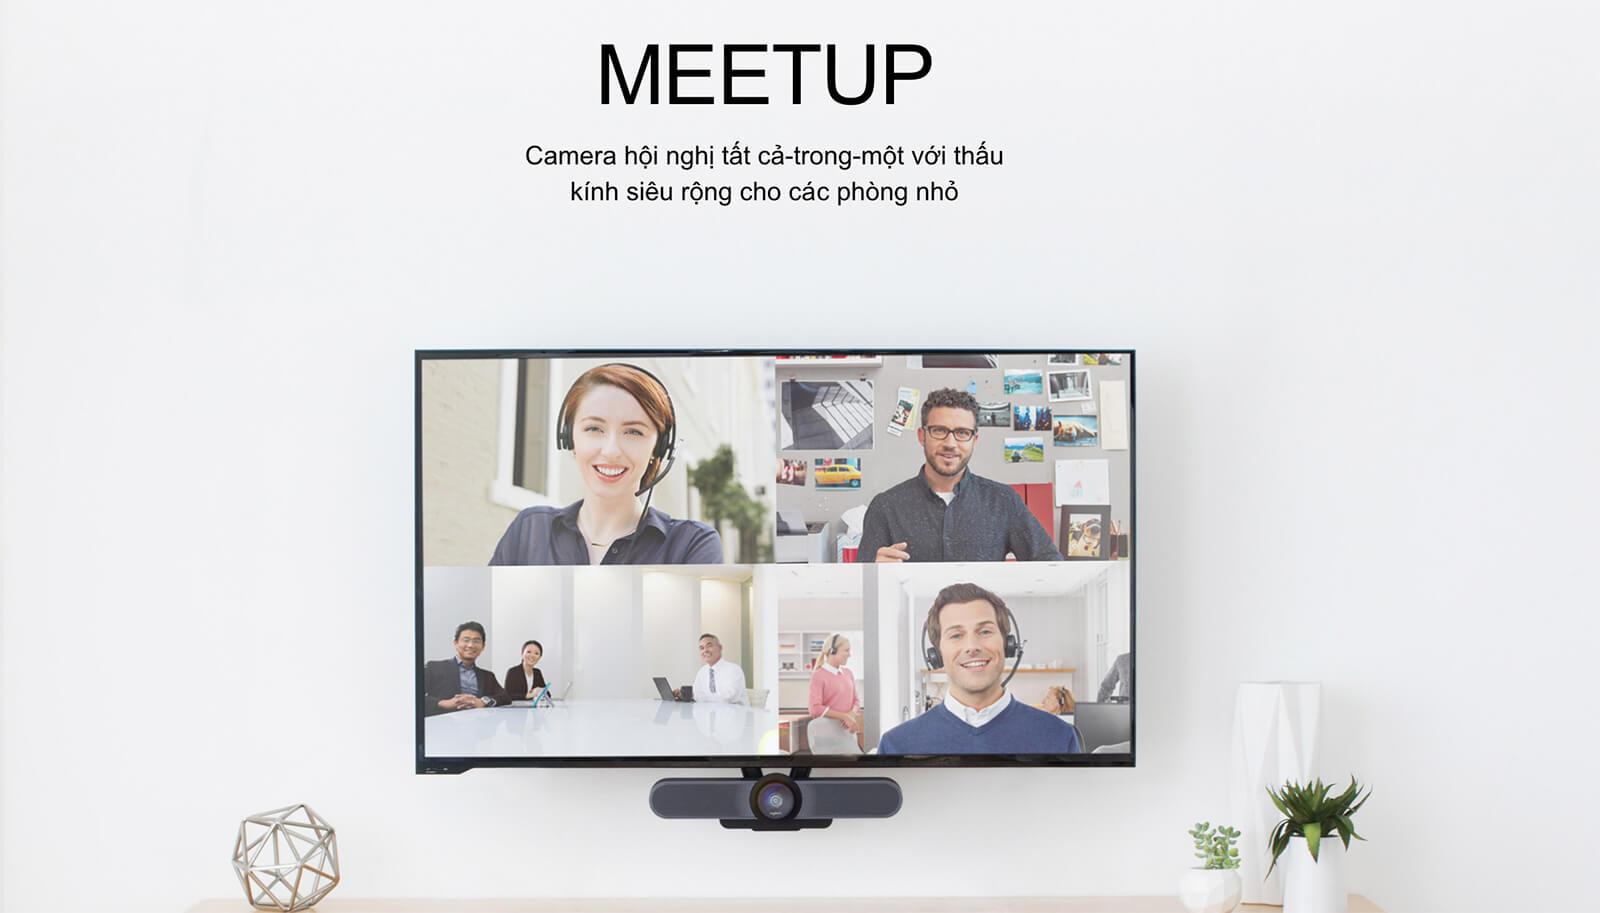 Logitech Meetup - Camera Hội Nghị cho các Phòng Họp Nhỏ - UltraHD 4K